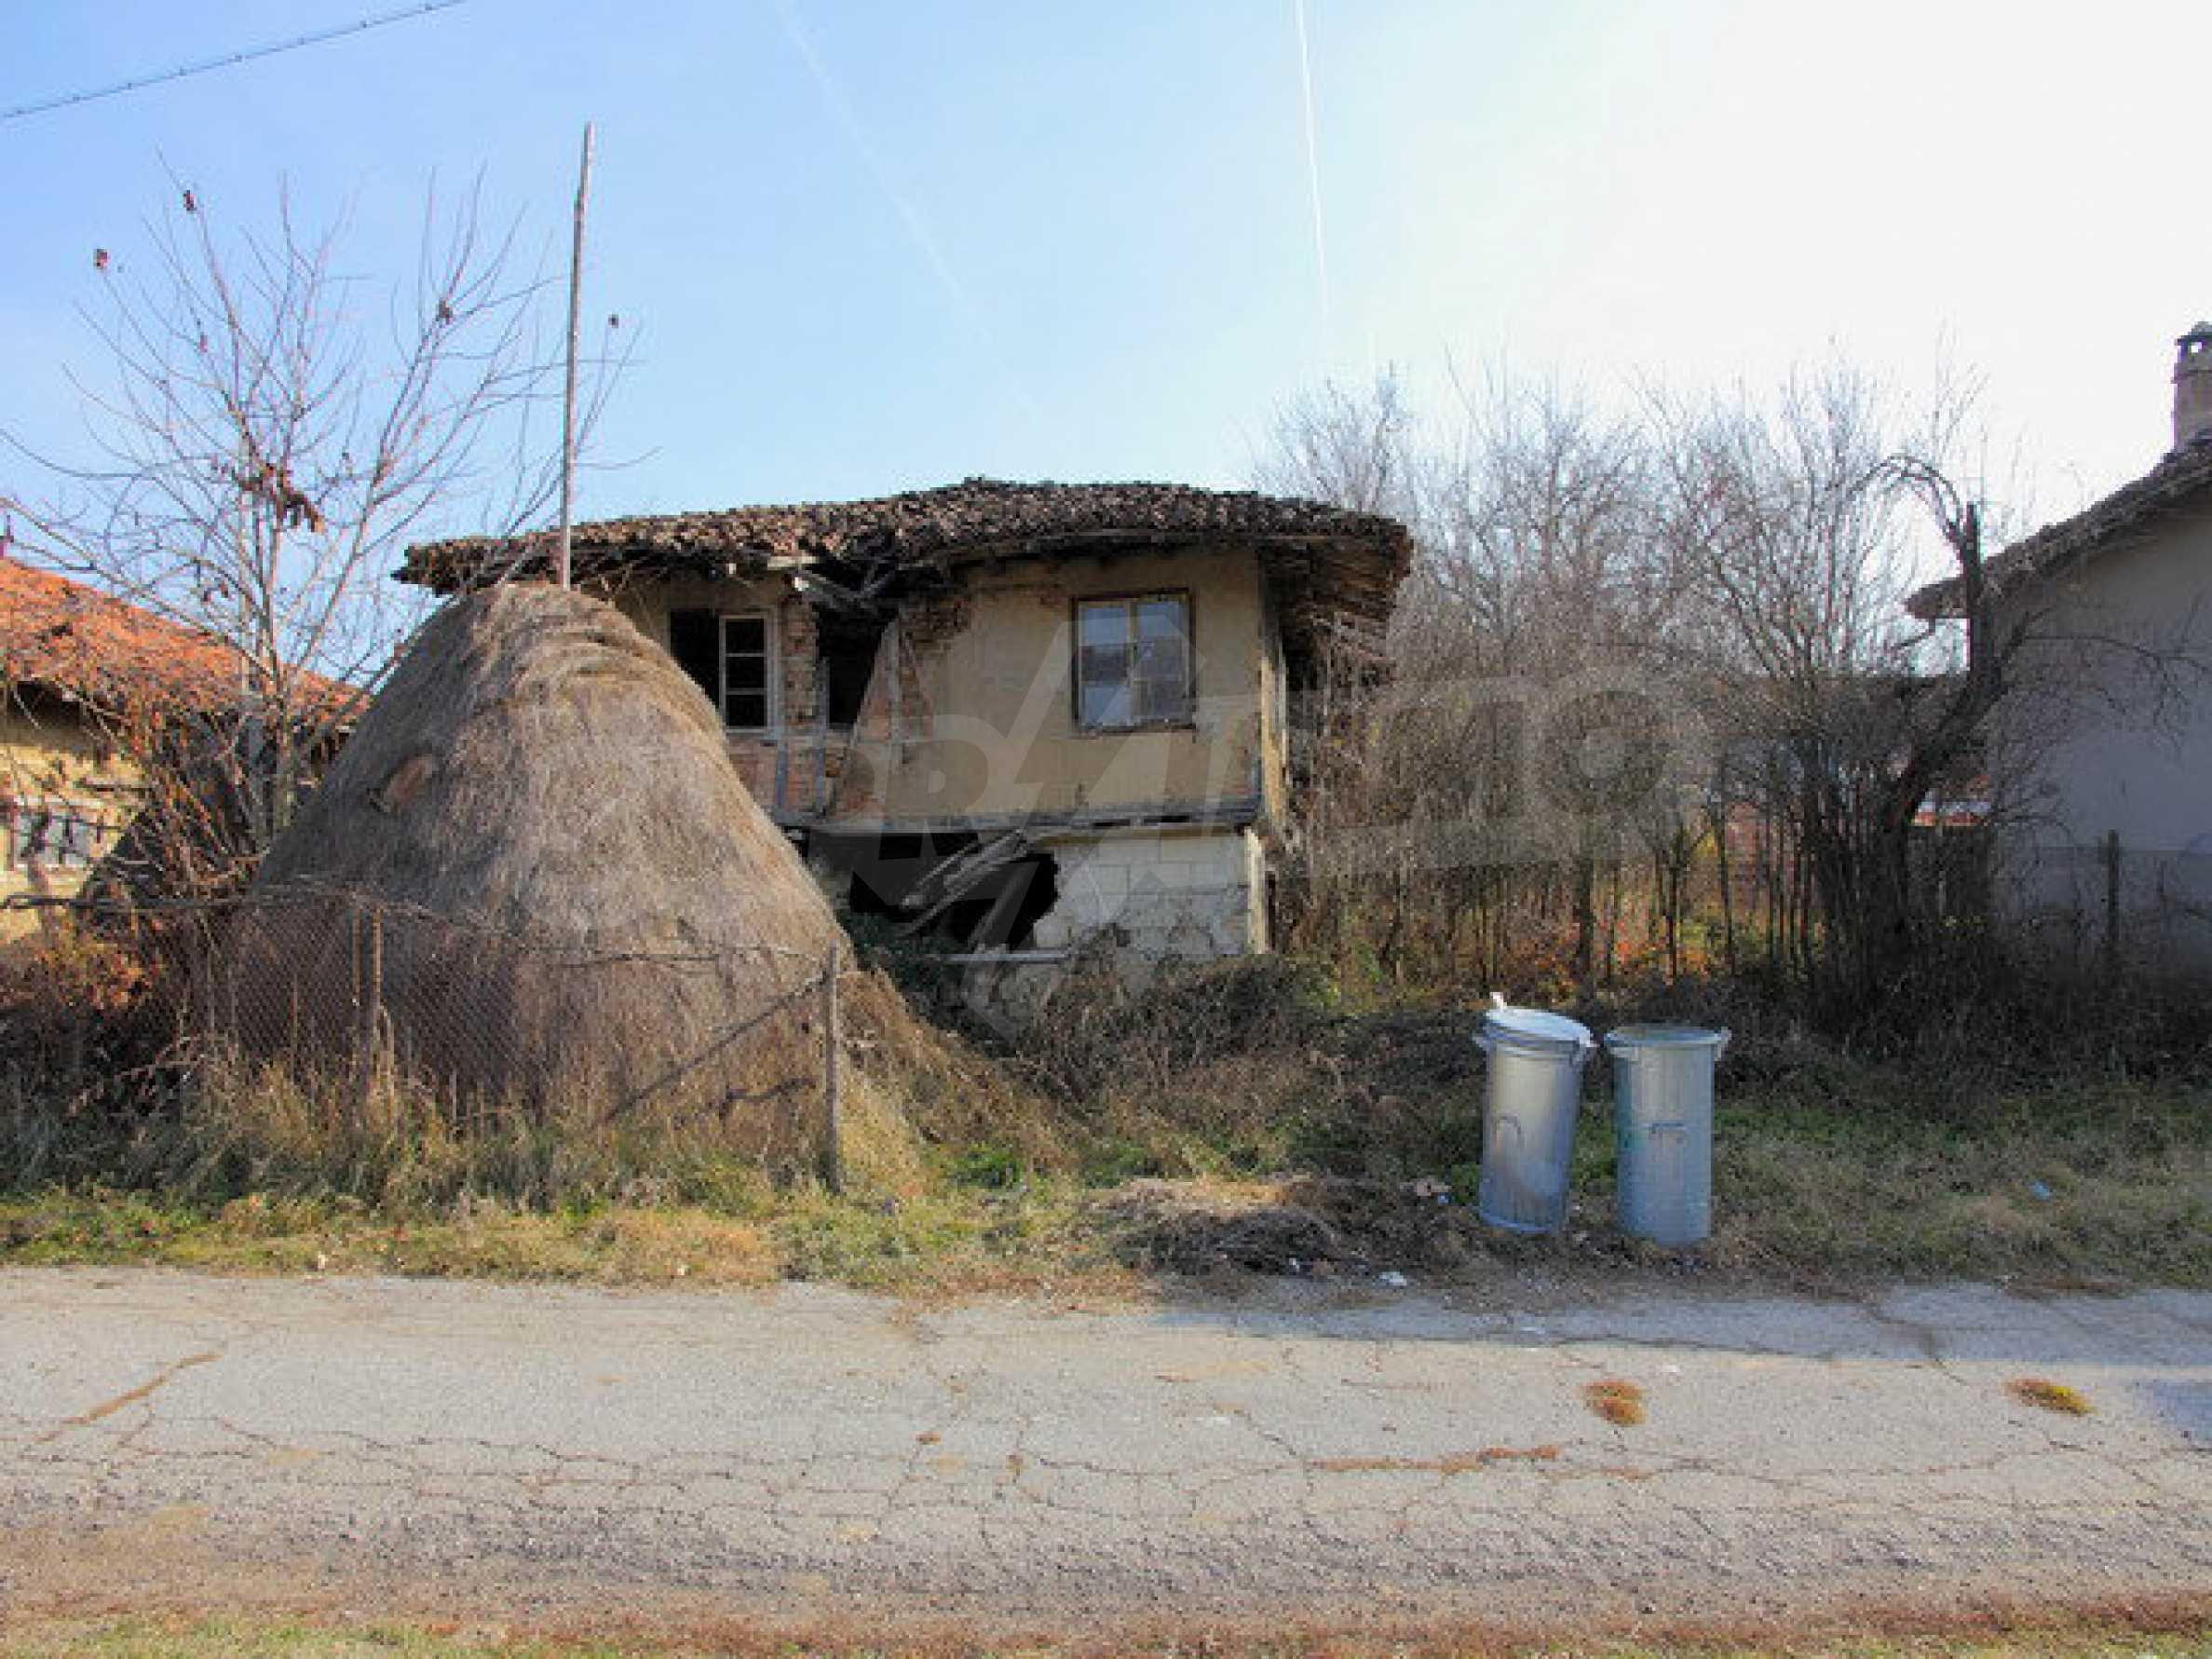 Grundstück mit Abrisshaus in einem malerischen Dorf in der Gegend von Elena